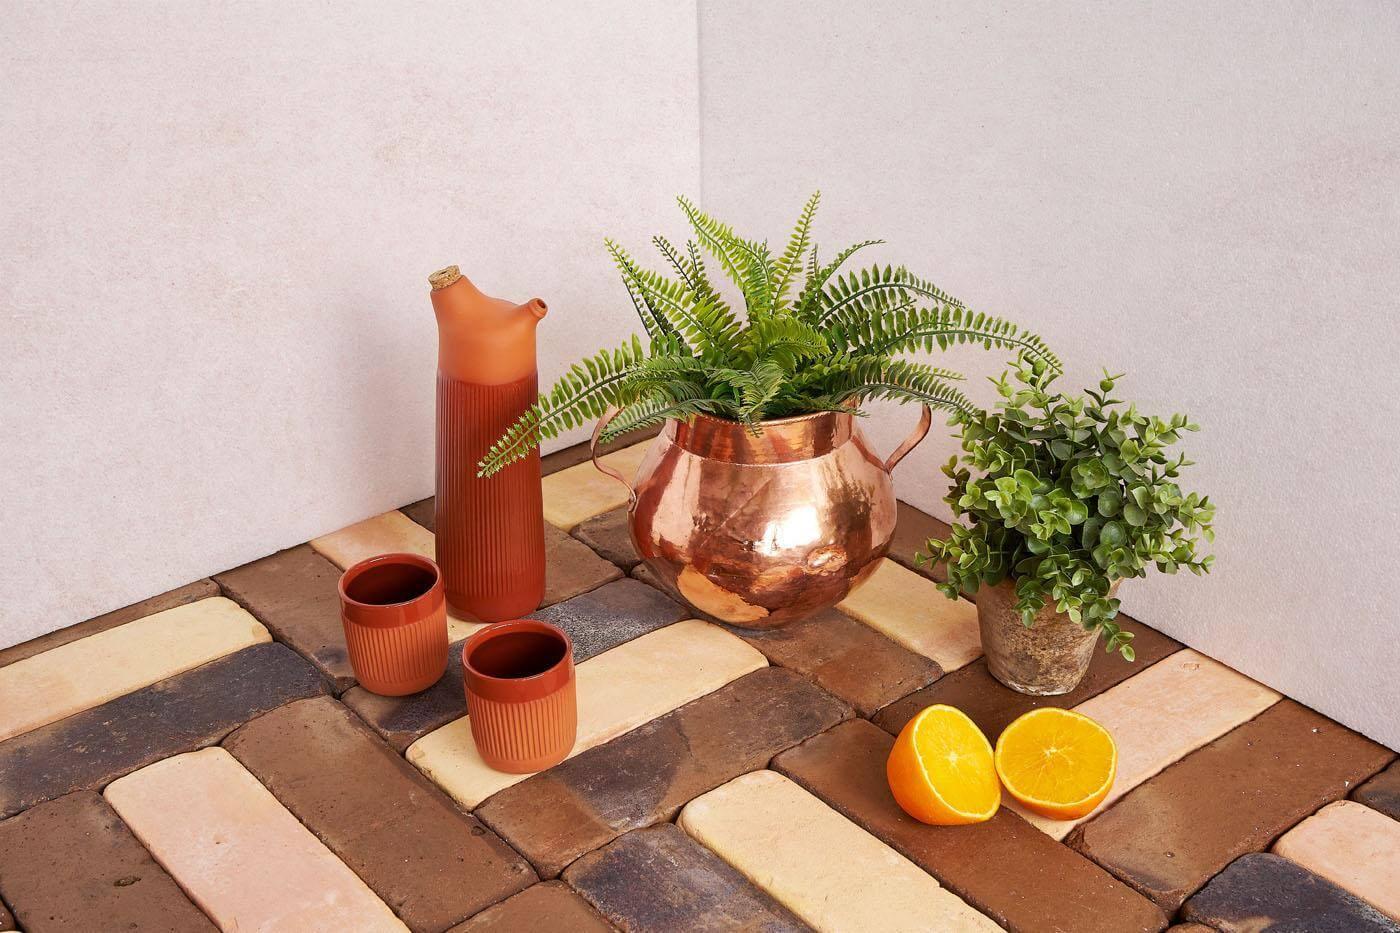 Suelos de barro. Pavimento cerámico hecho a mano y natural que recuerda a las baldosas antiguas